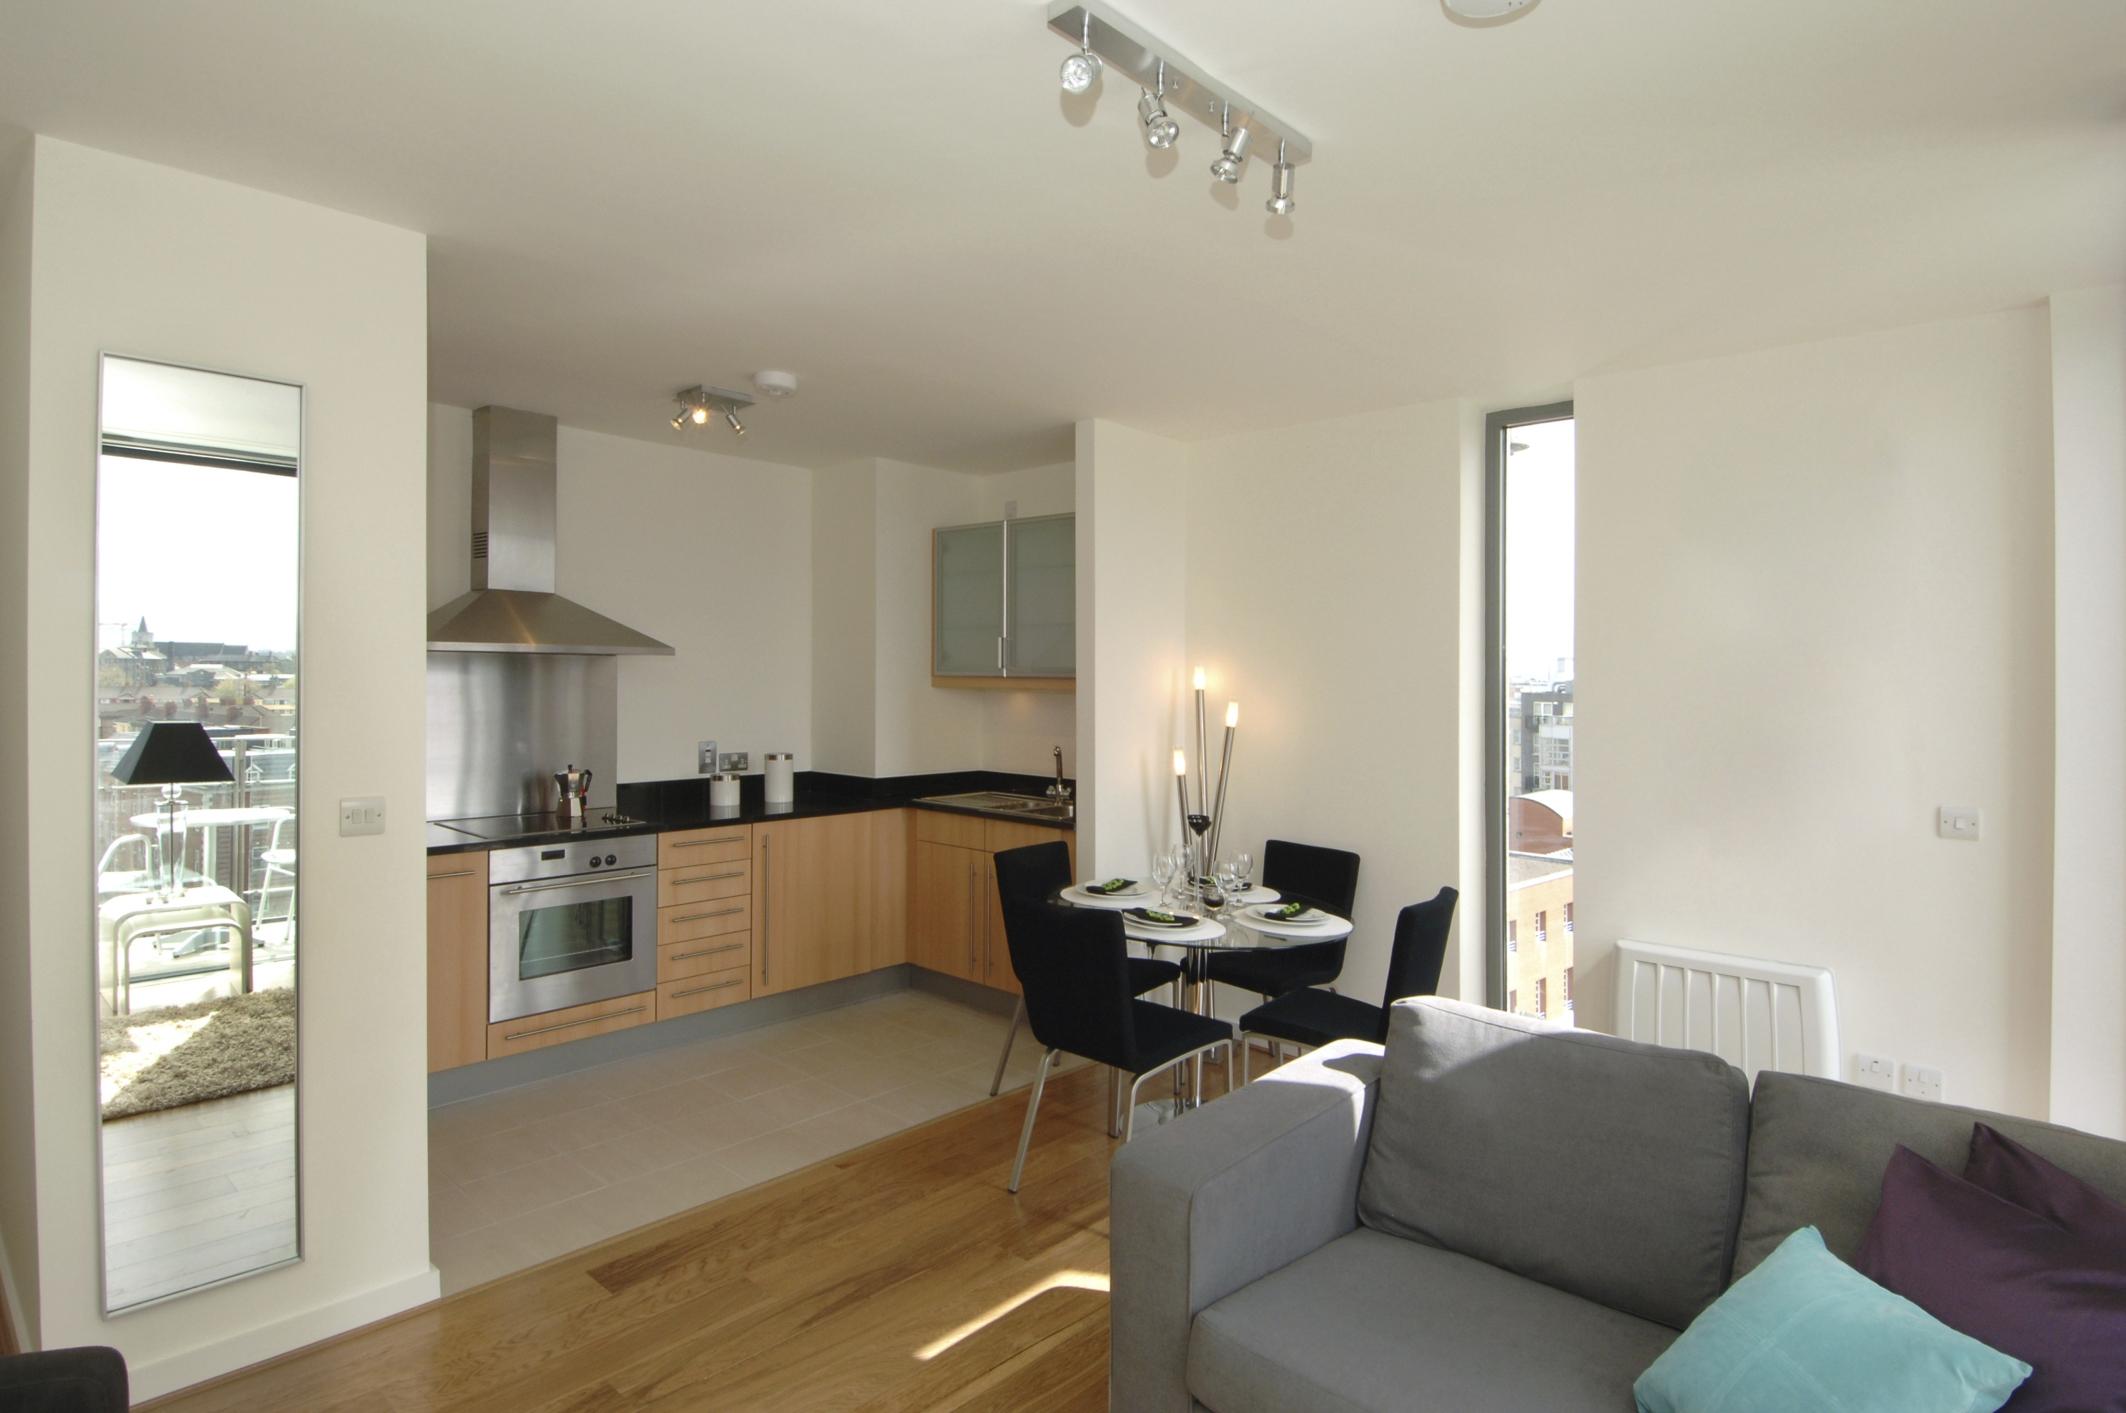 כיצד לבחור רהיטים לבית?